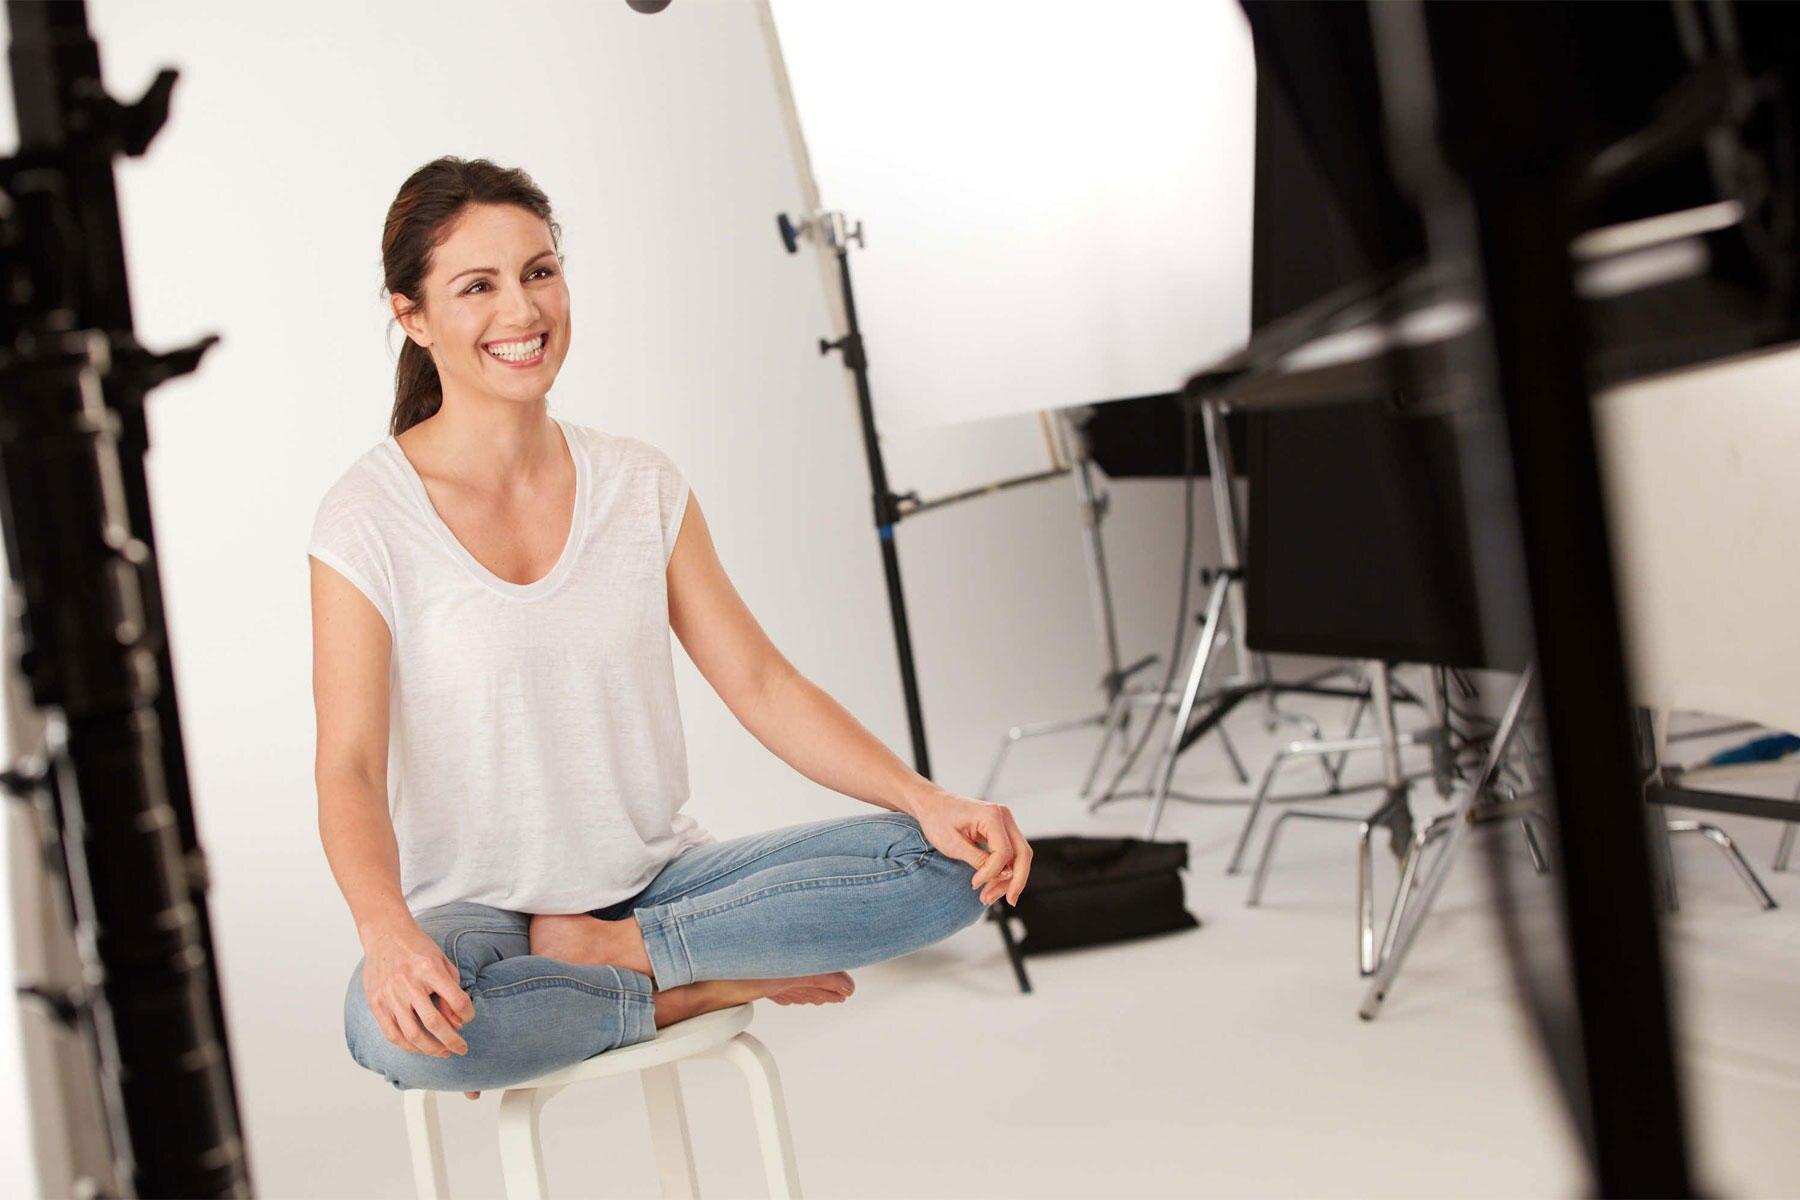 """""""Ein Tag ohne Lächeln ist ein verlorener Tag"""", findet Nazan Eckes, hier beim Shooting für ihre Rolle als Botschafterin, Storyteller und """"Differenz Maker"""" für die Kosmetikmarke Clinique."""